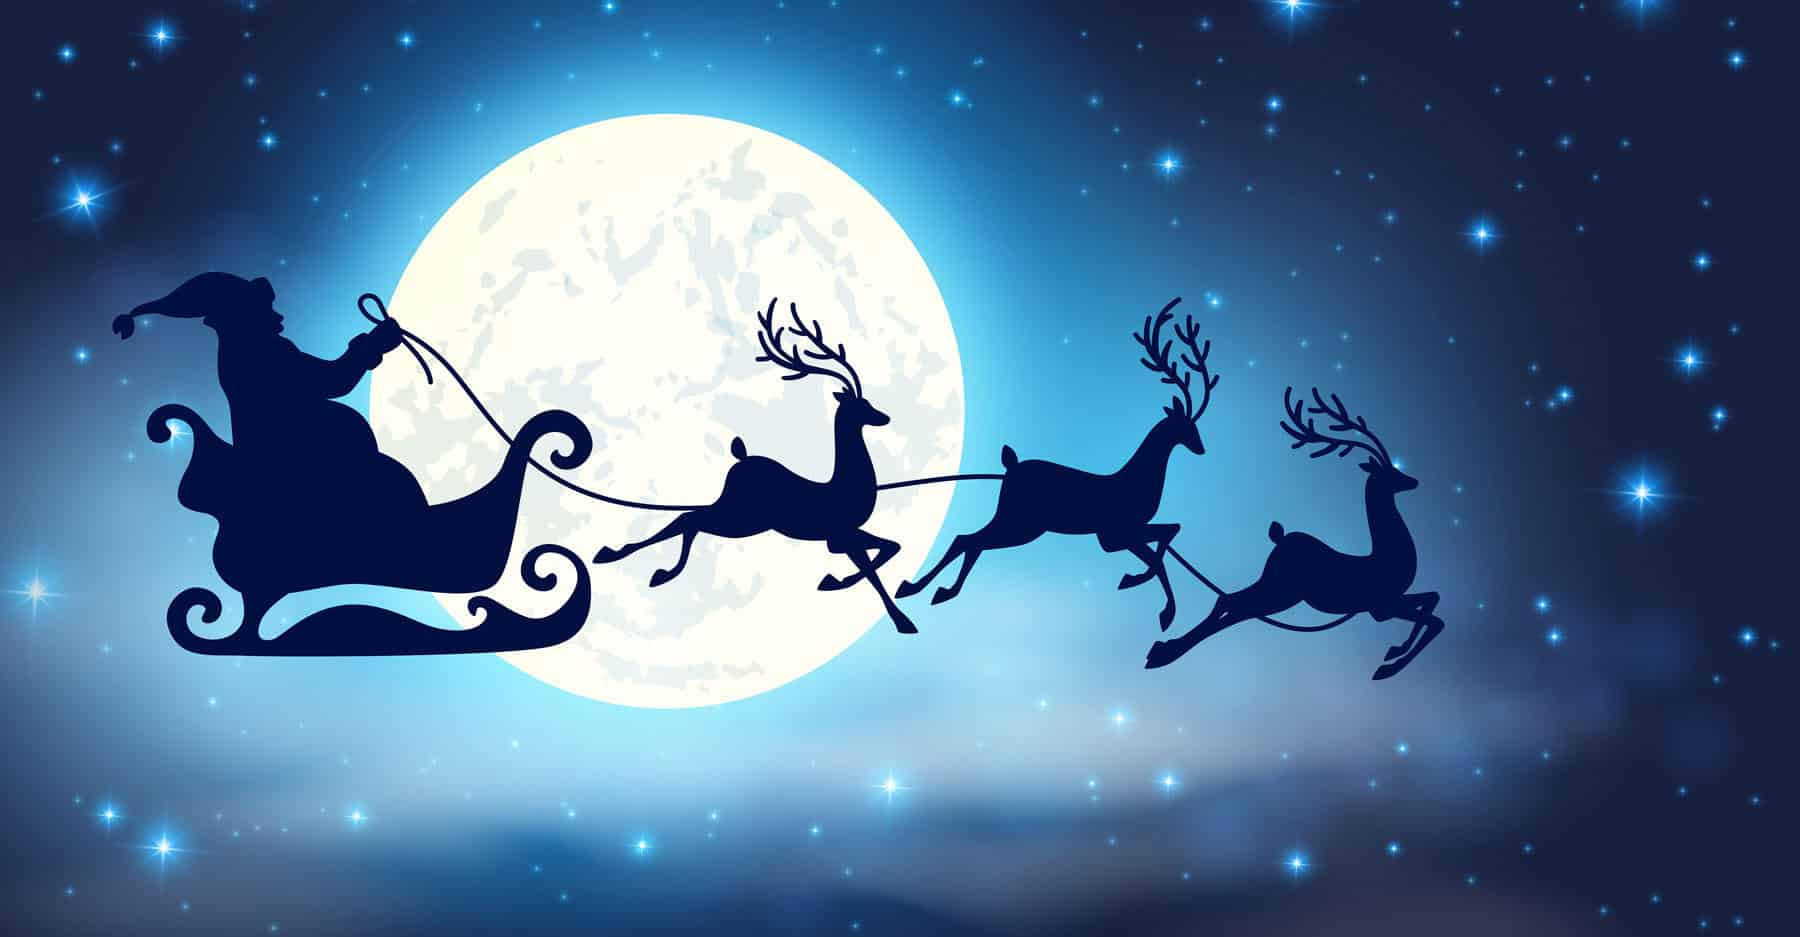 คืนพระจันทร์เต็มดวง ในวันคริสต์มาส ครั้งแรกในศตวรรษที่ 21